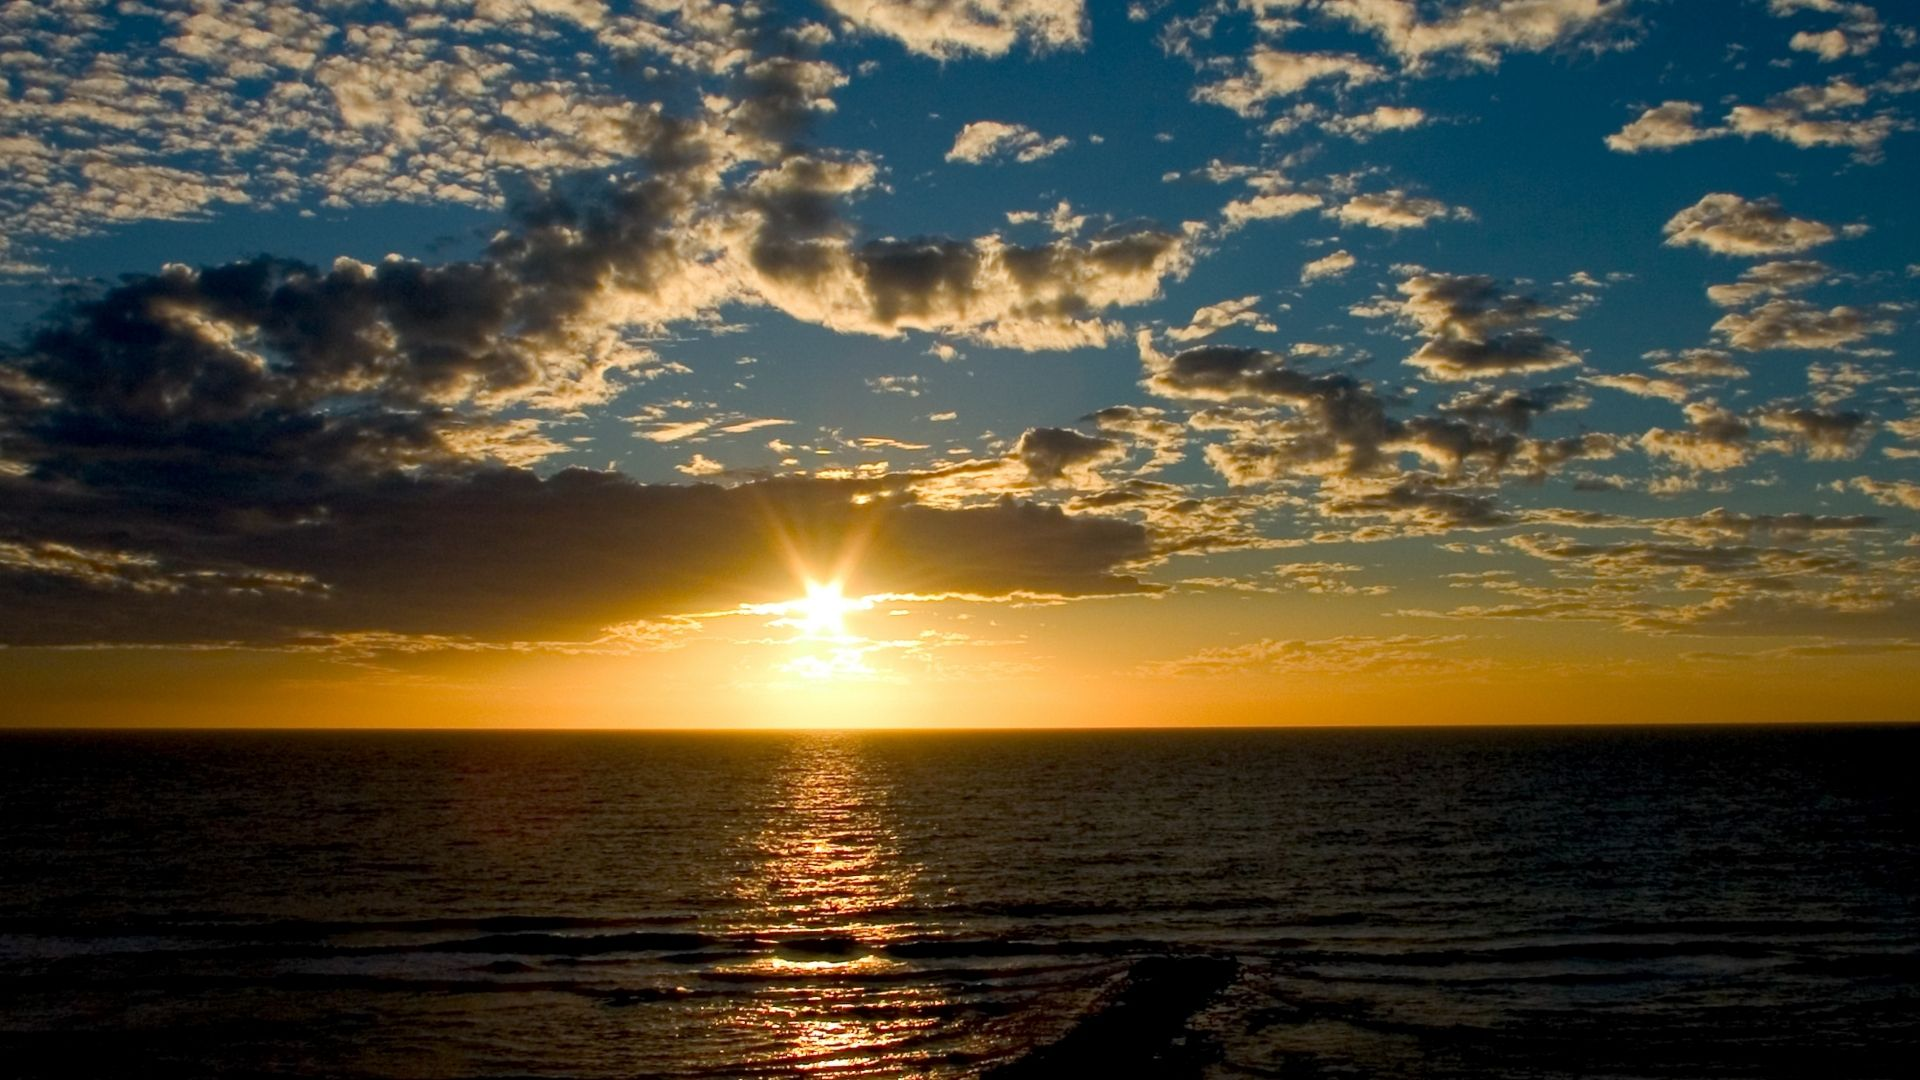 Sunset Papier Peint Coucher De Soleil Coucher De Soleil Paysage Coucher De Soleil